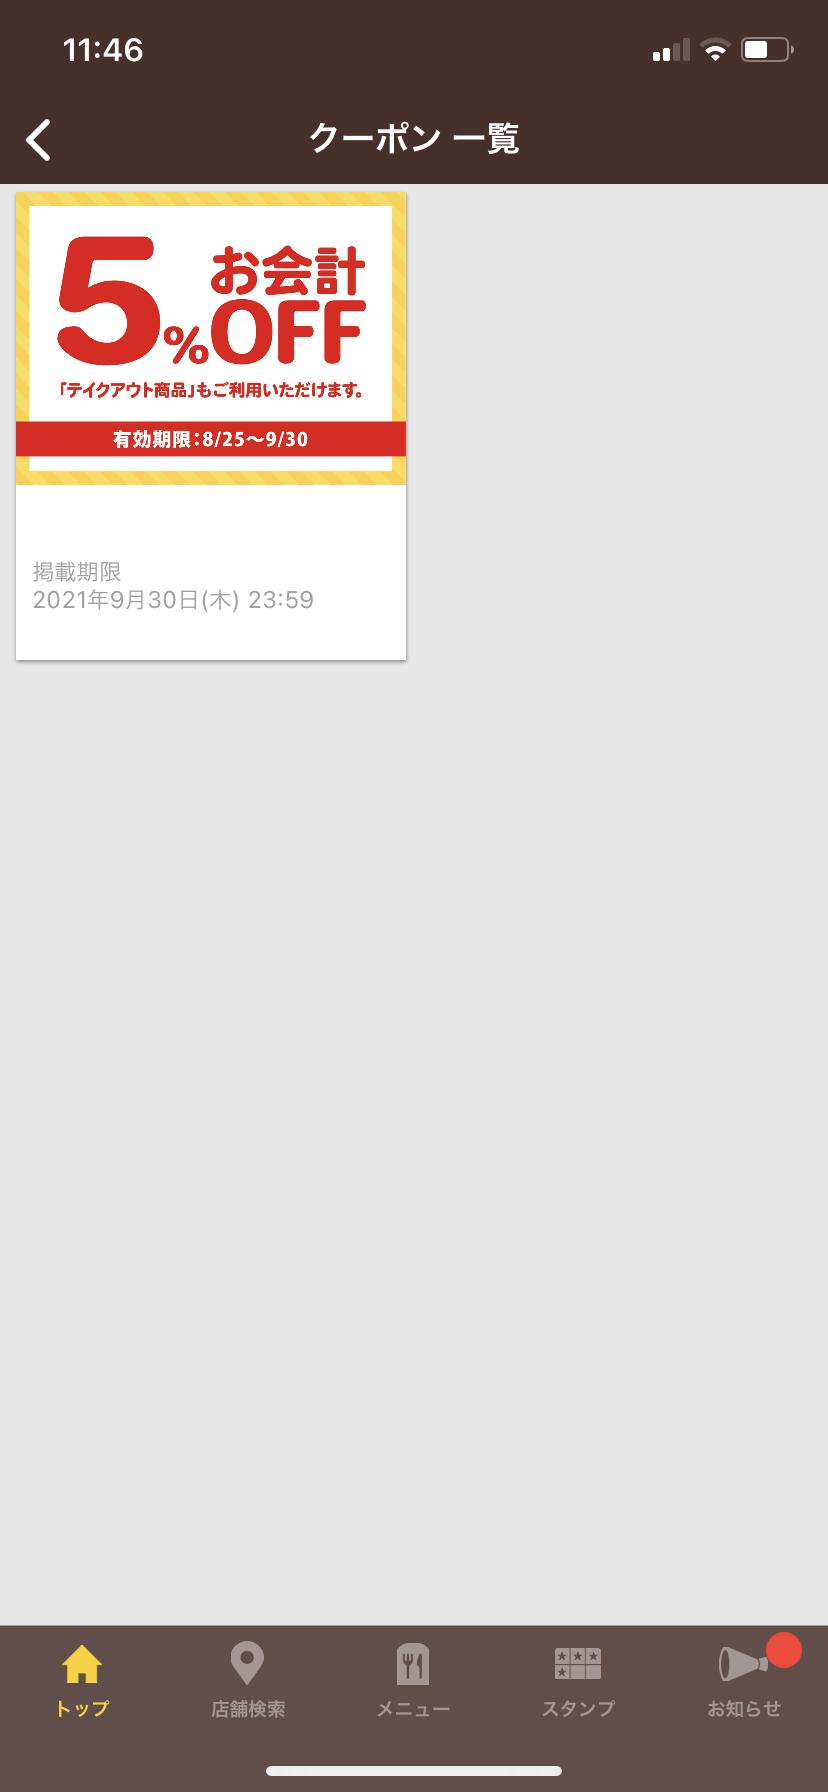 びっくりドンキー びっくりドンキー公式アプリに関するヨコさんの口コミ画像1